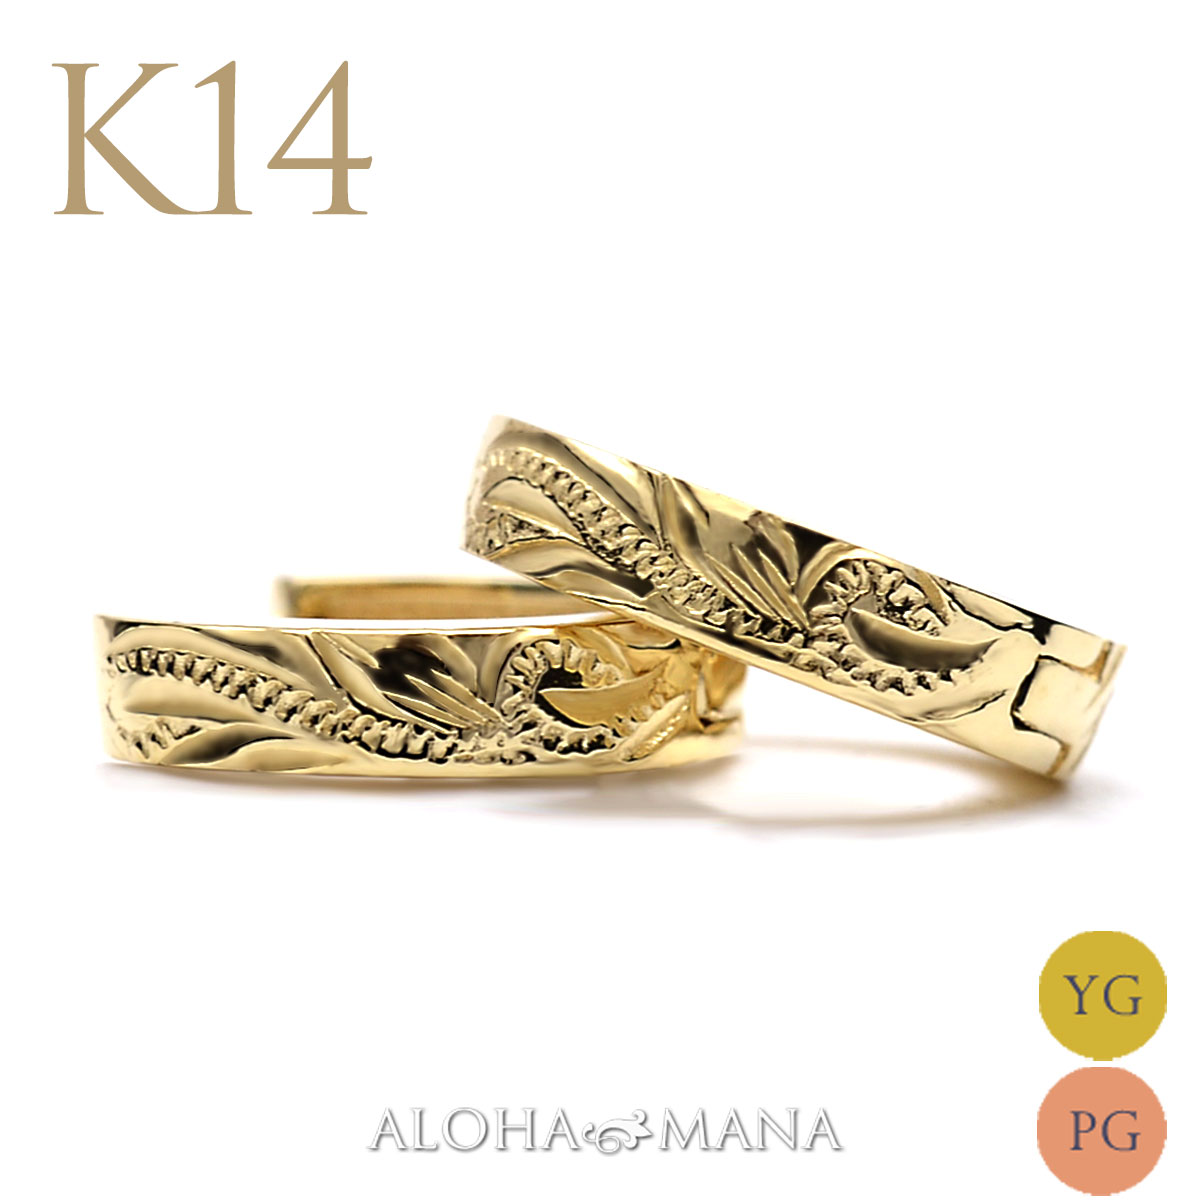 ハワイアンジュエリー ピアス K14ゴールド スクロール ソリッド フープピアス ape1263